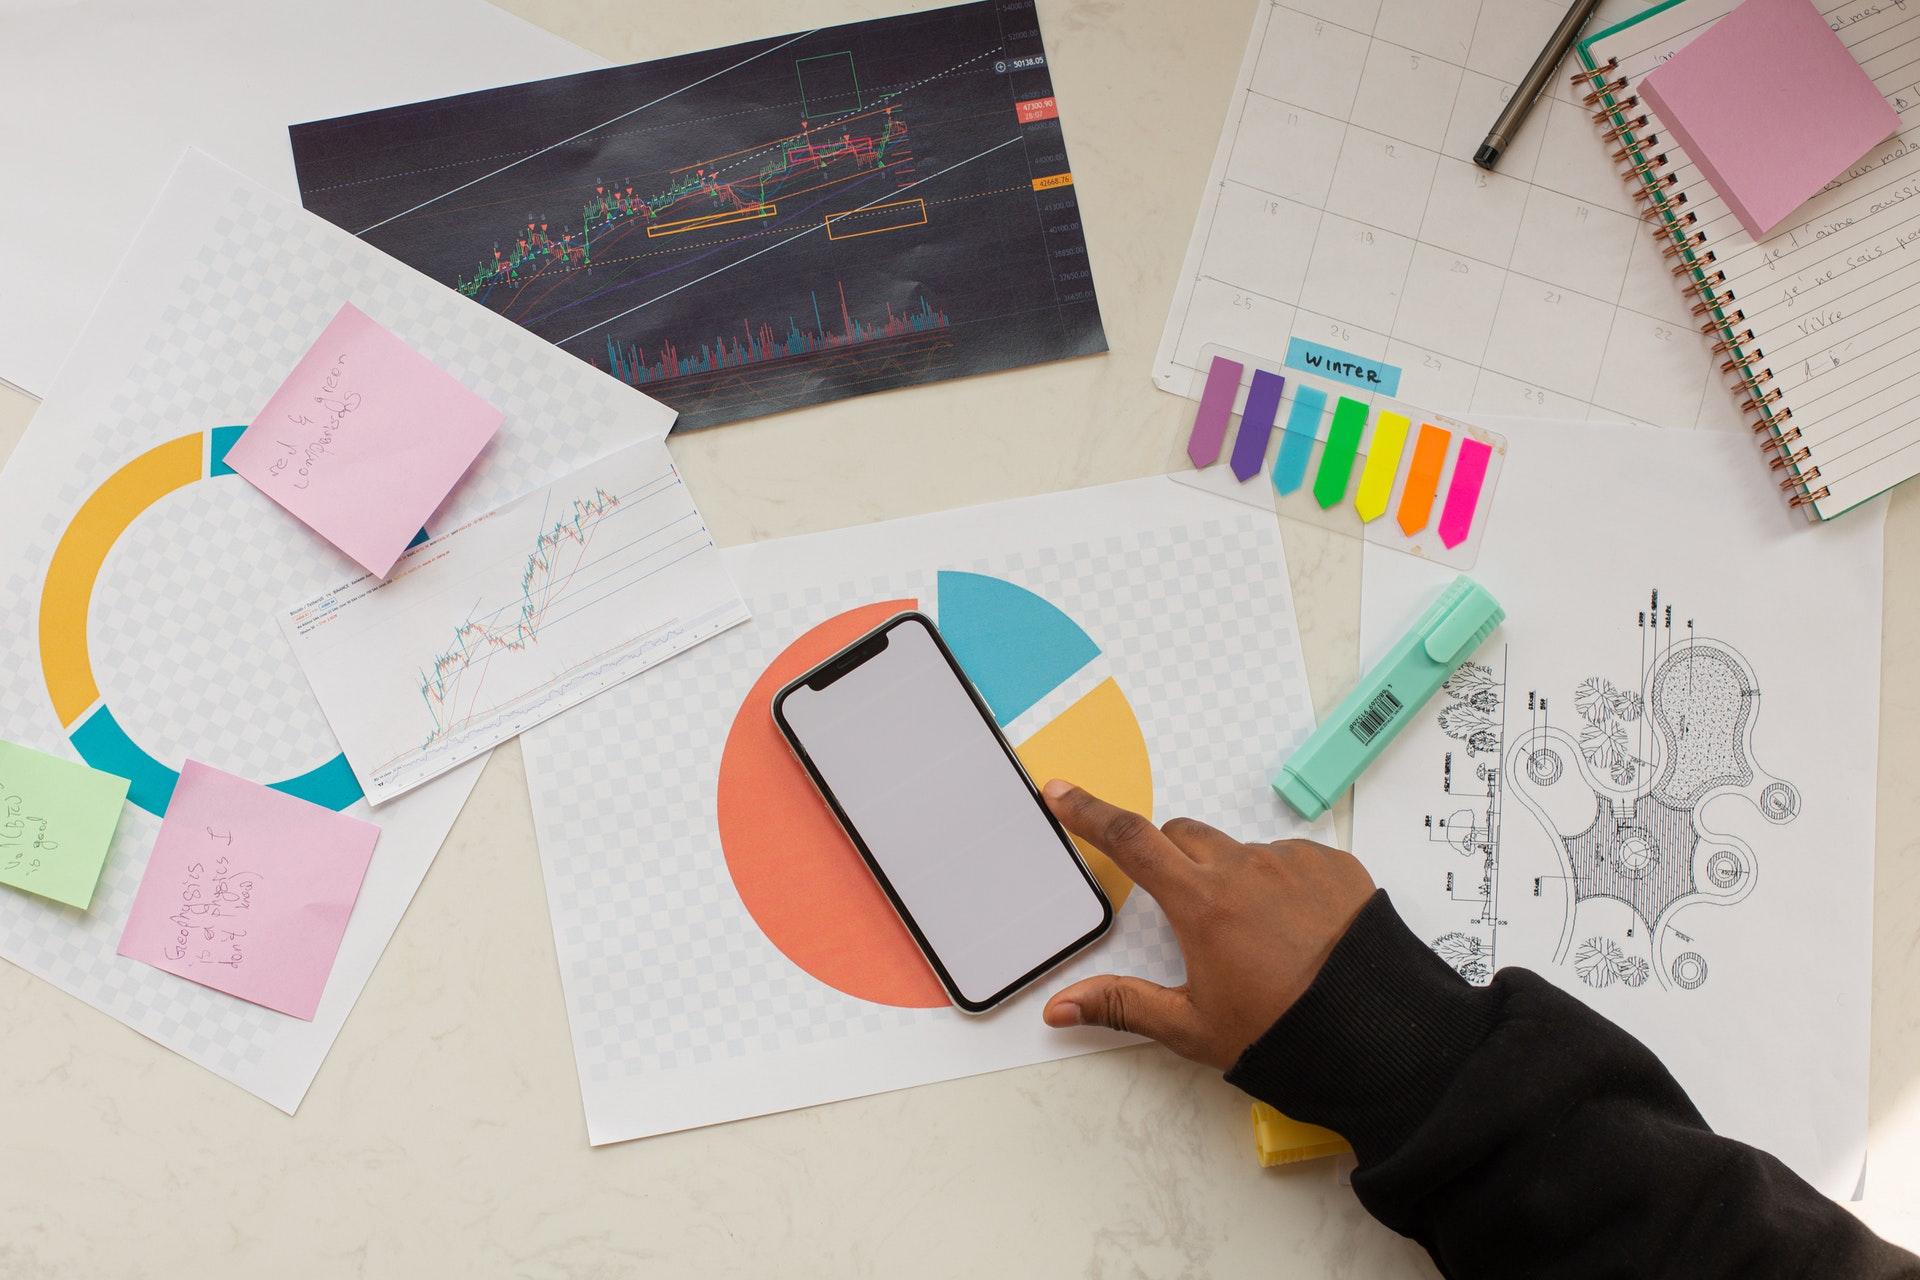 Vemos uma mesa cheia de gráficos, um telefone celular e papeis (imagem ilustrativa). Texto: mulheres empreendedoras.